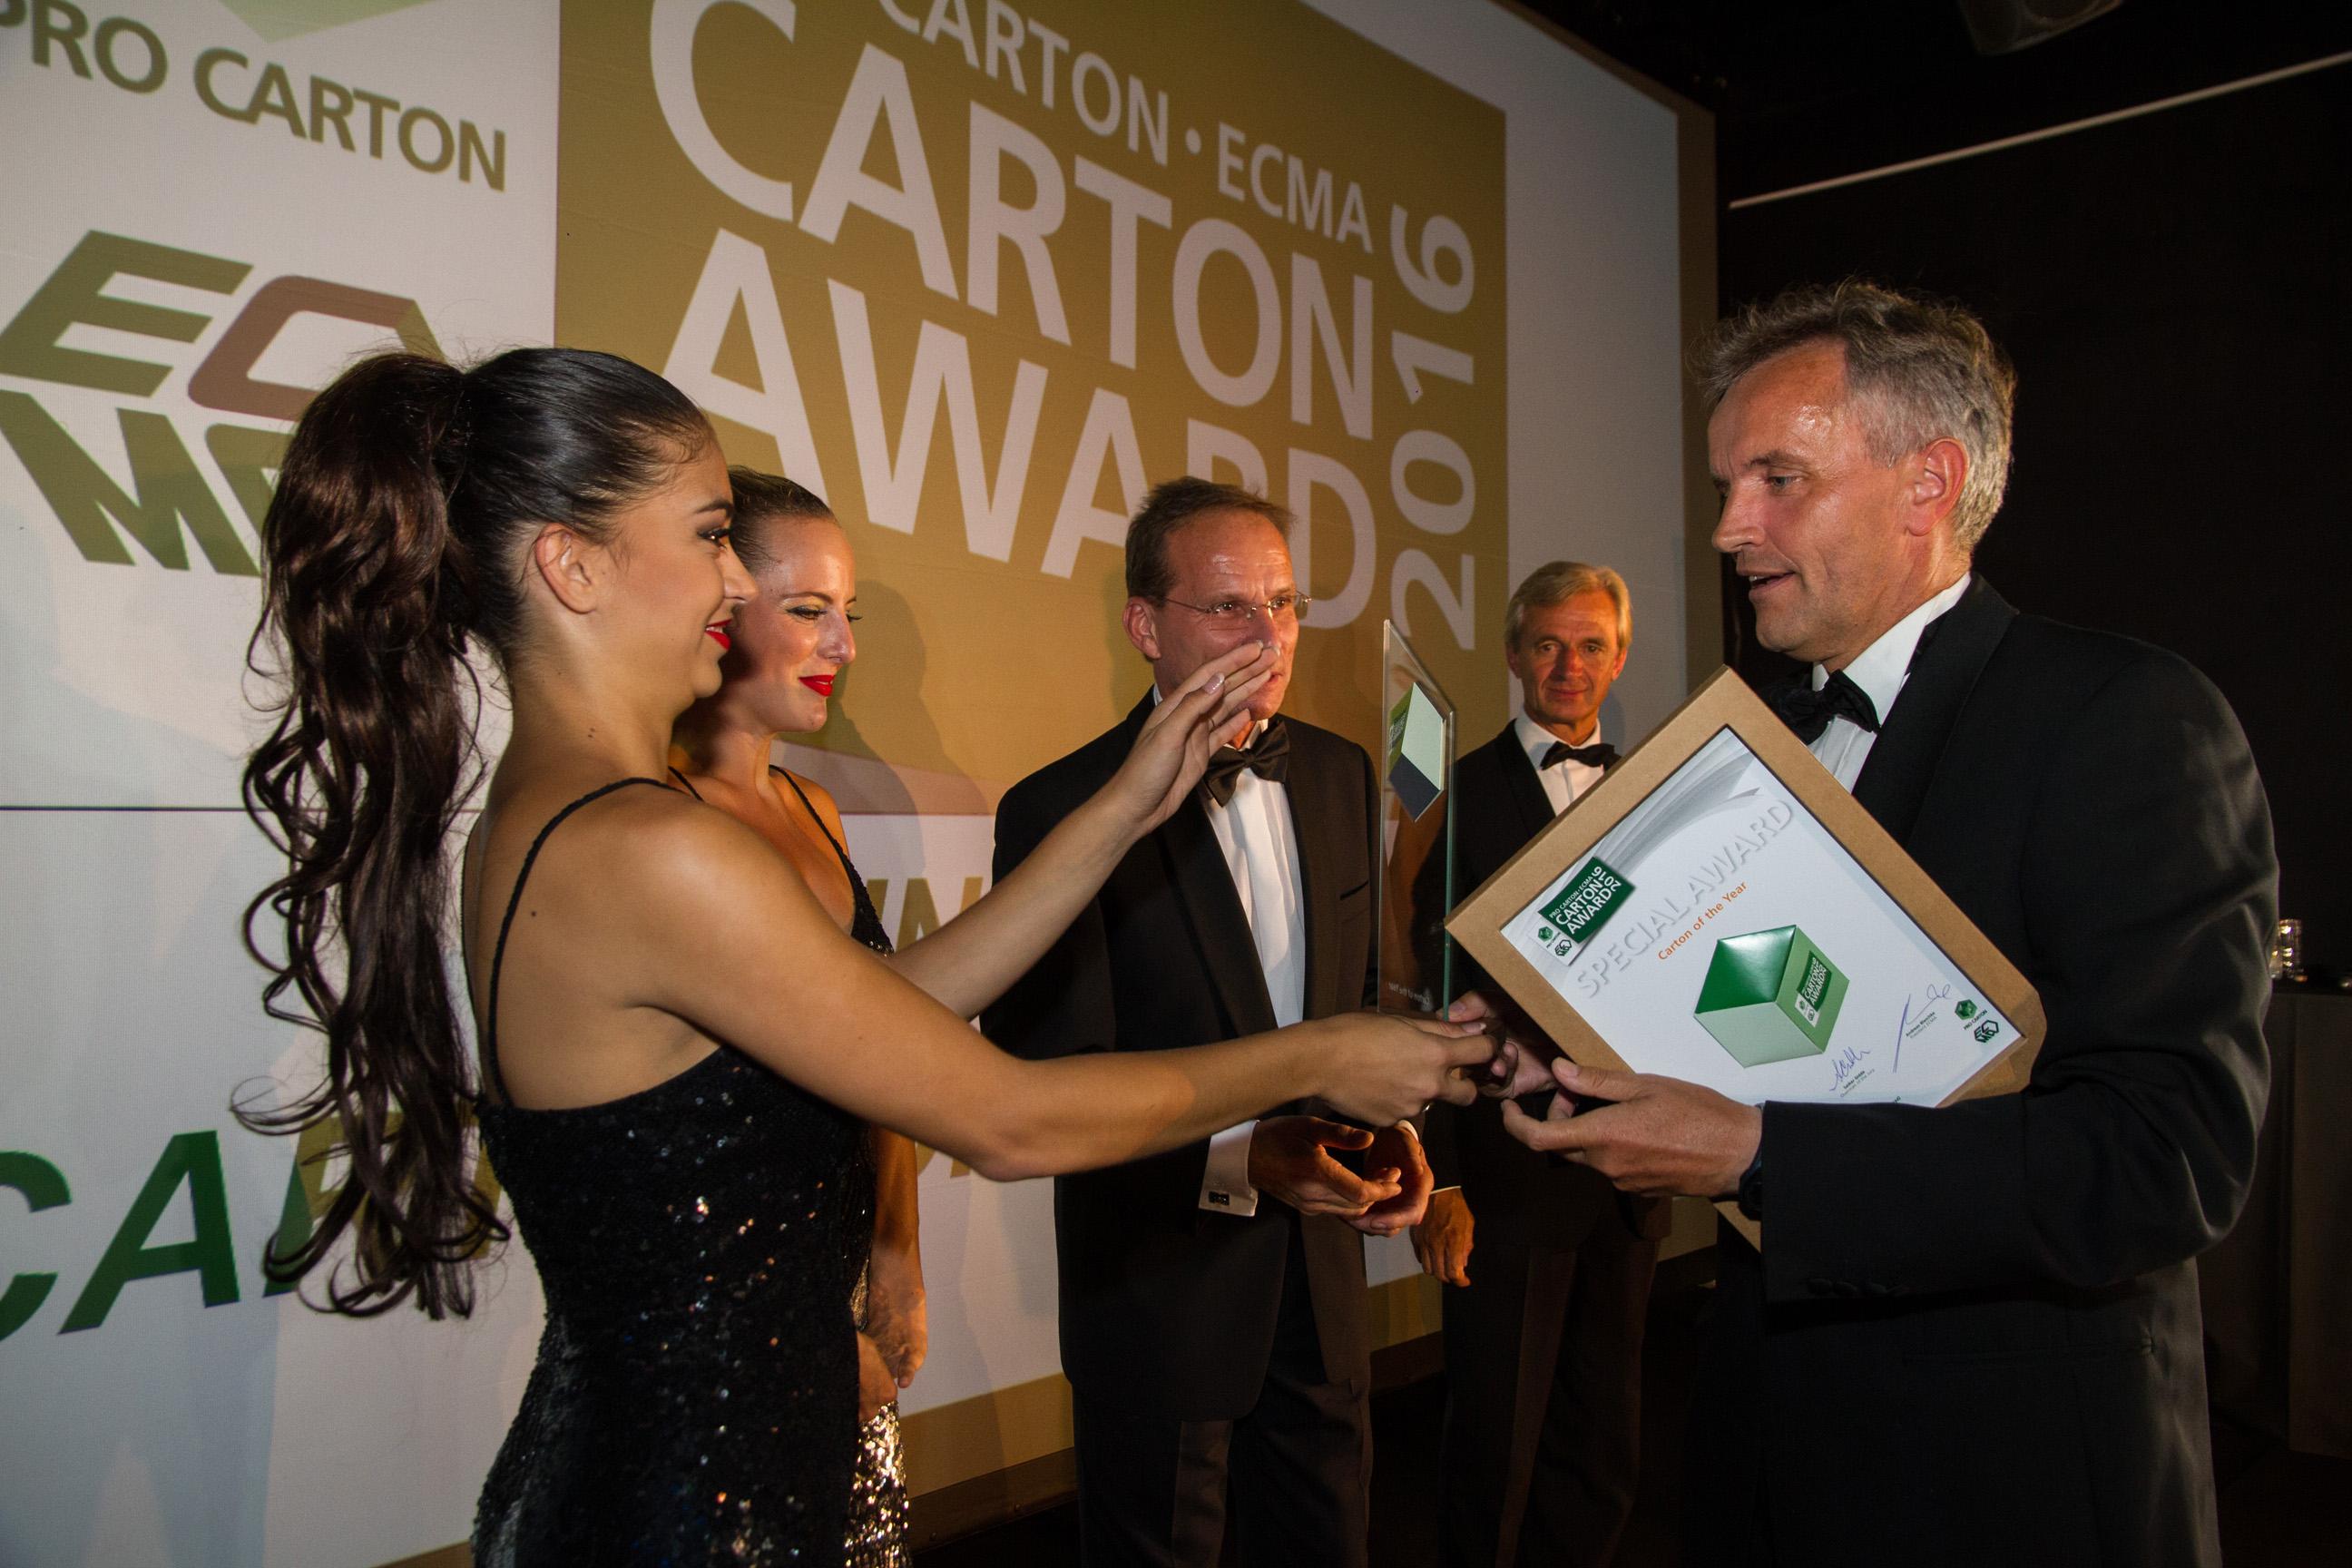 Pro Carton ECMA Award Gala 2016 1073